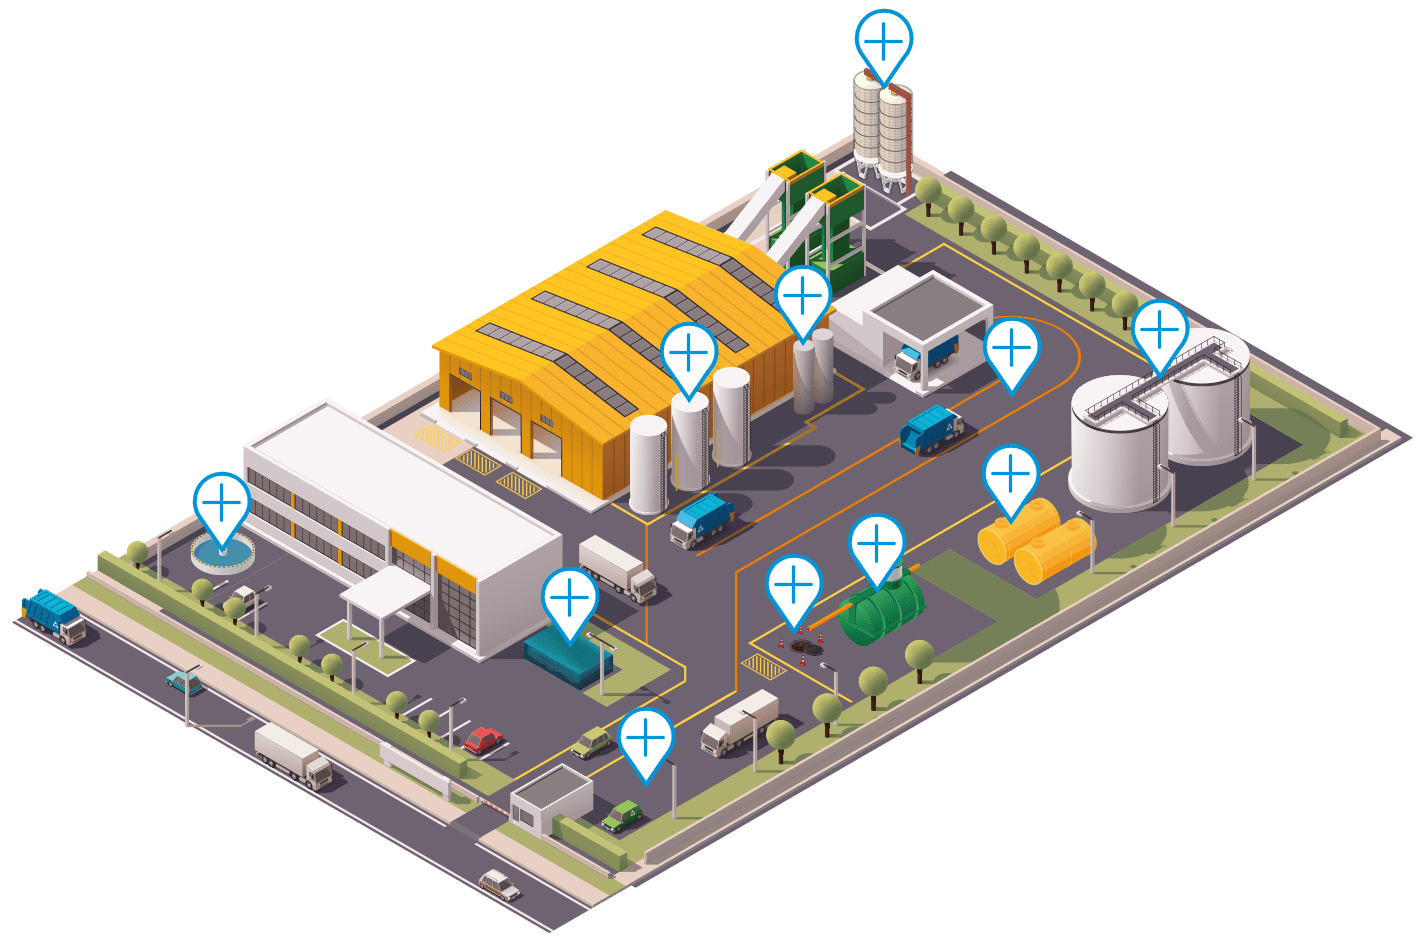 producent-zbiornikow-przemyslowych